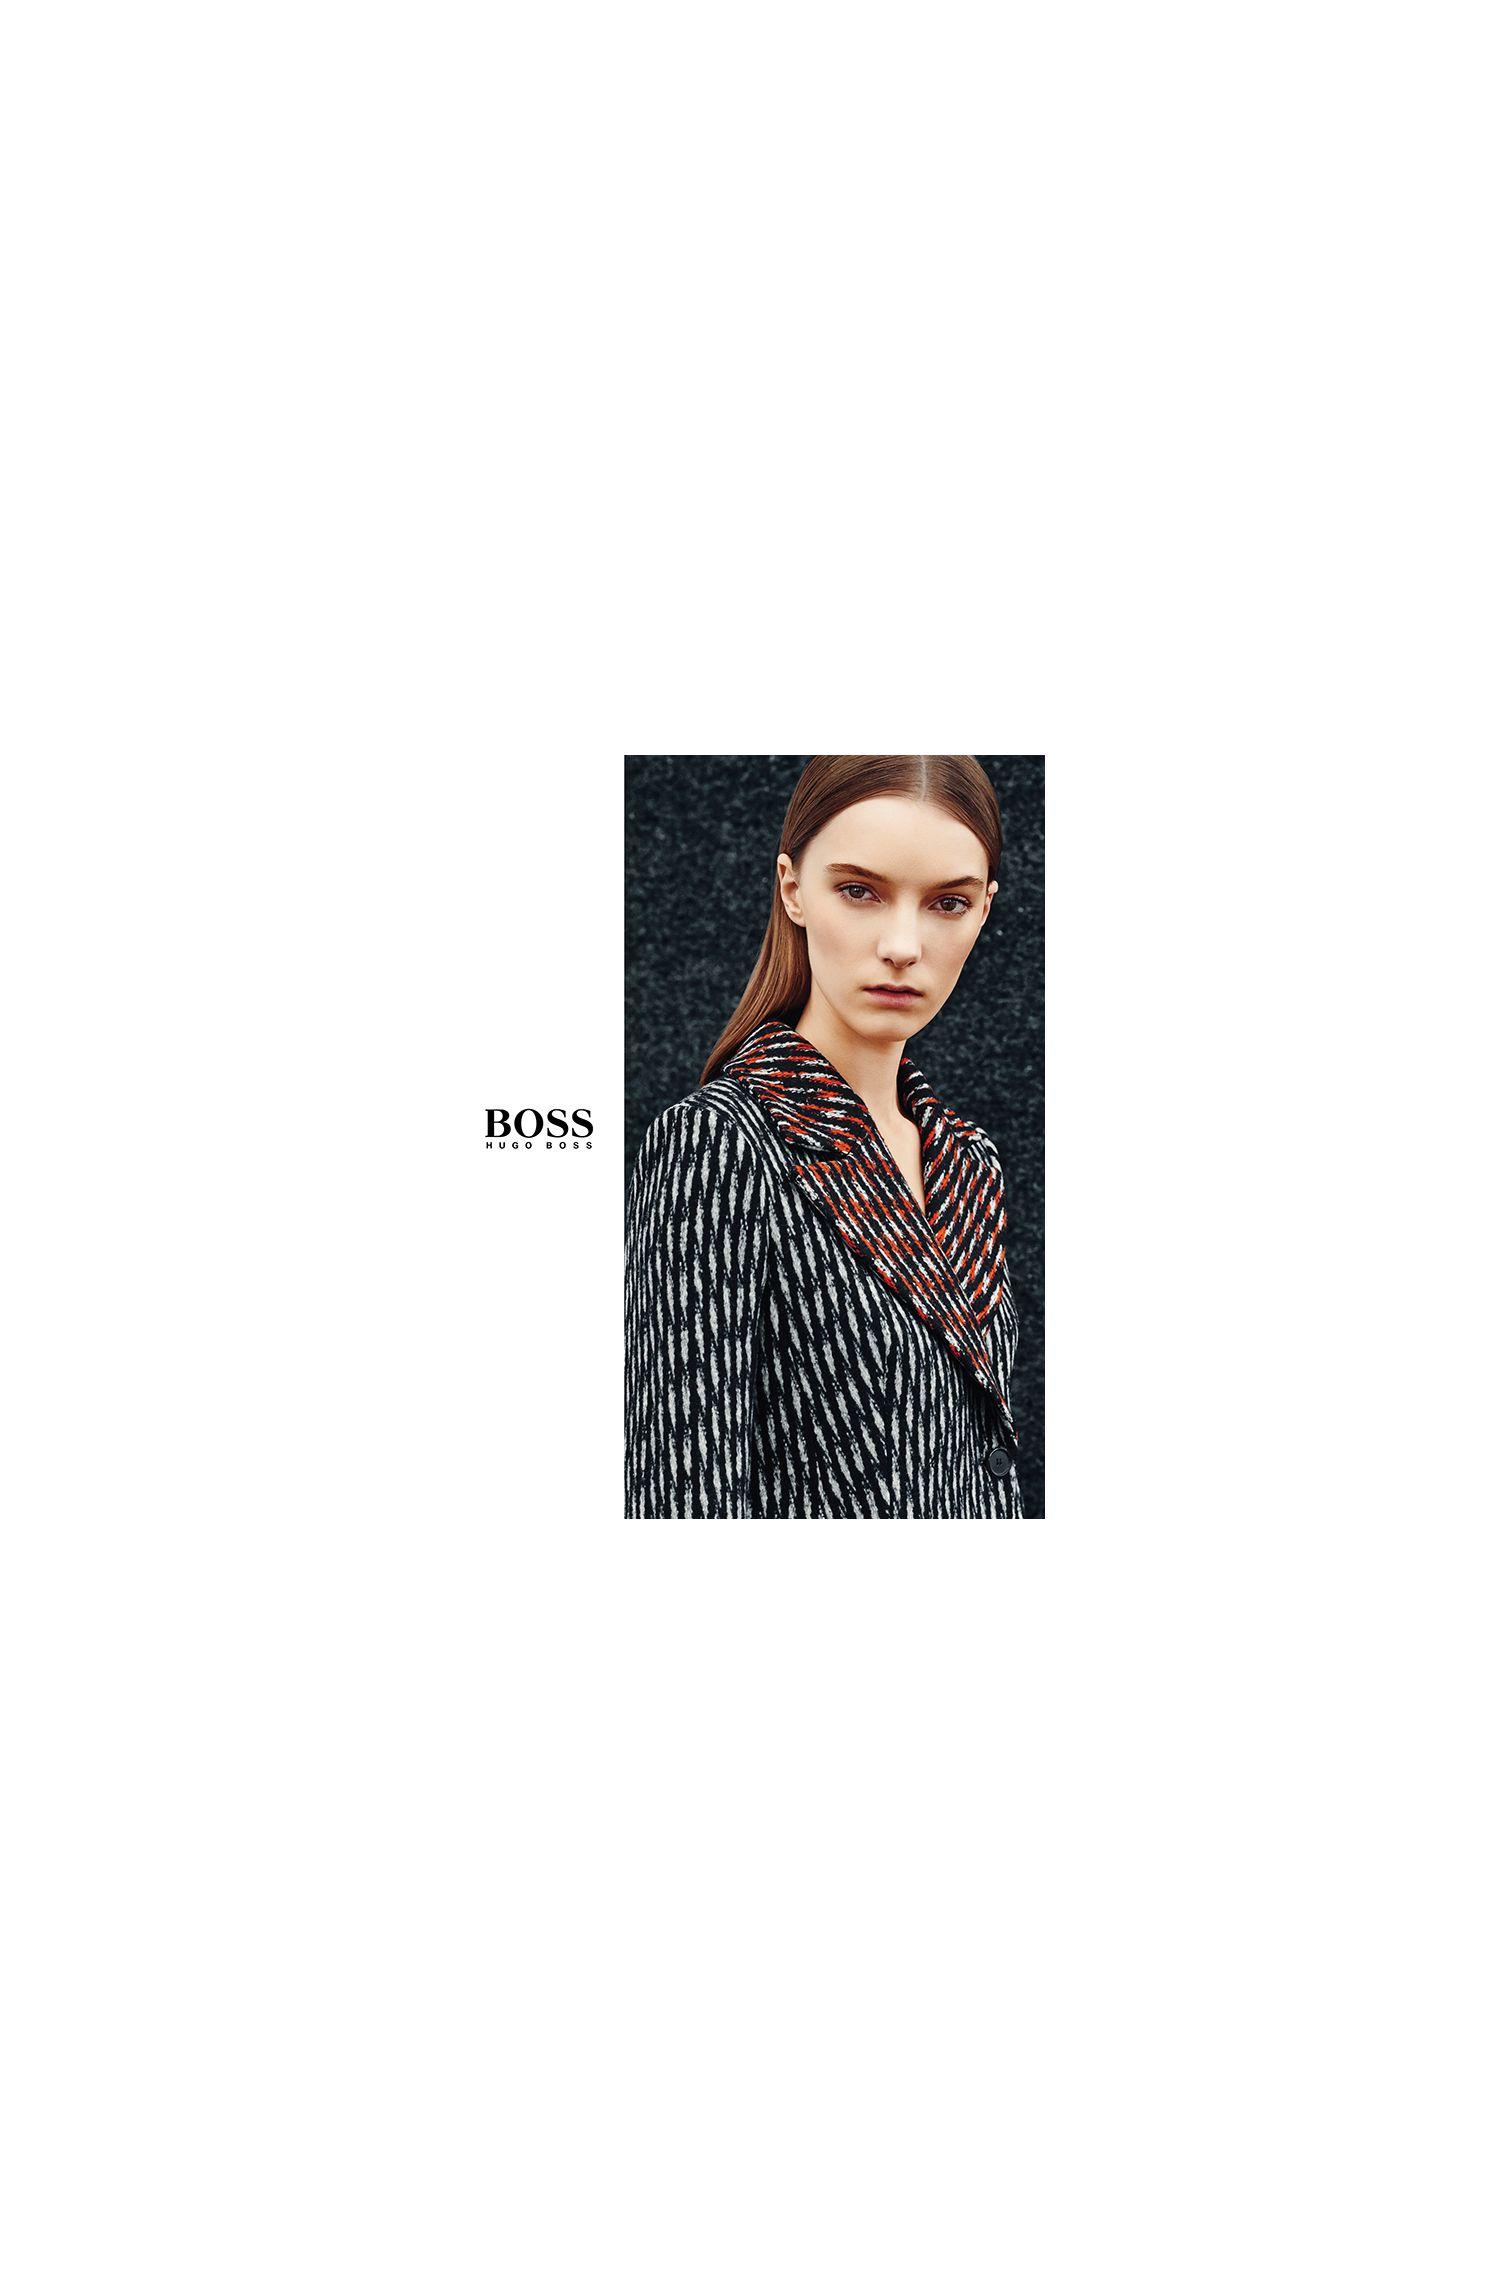 BOSS womenswear booklet